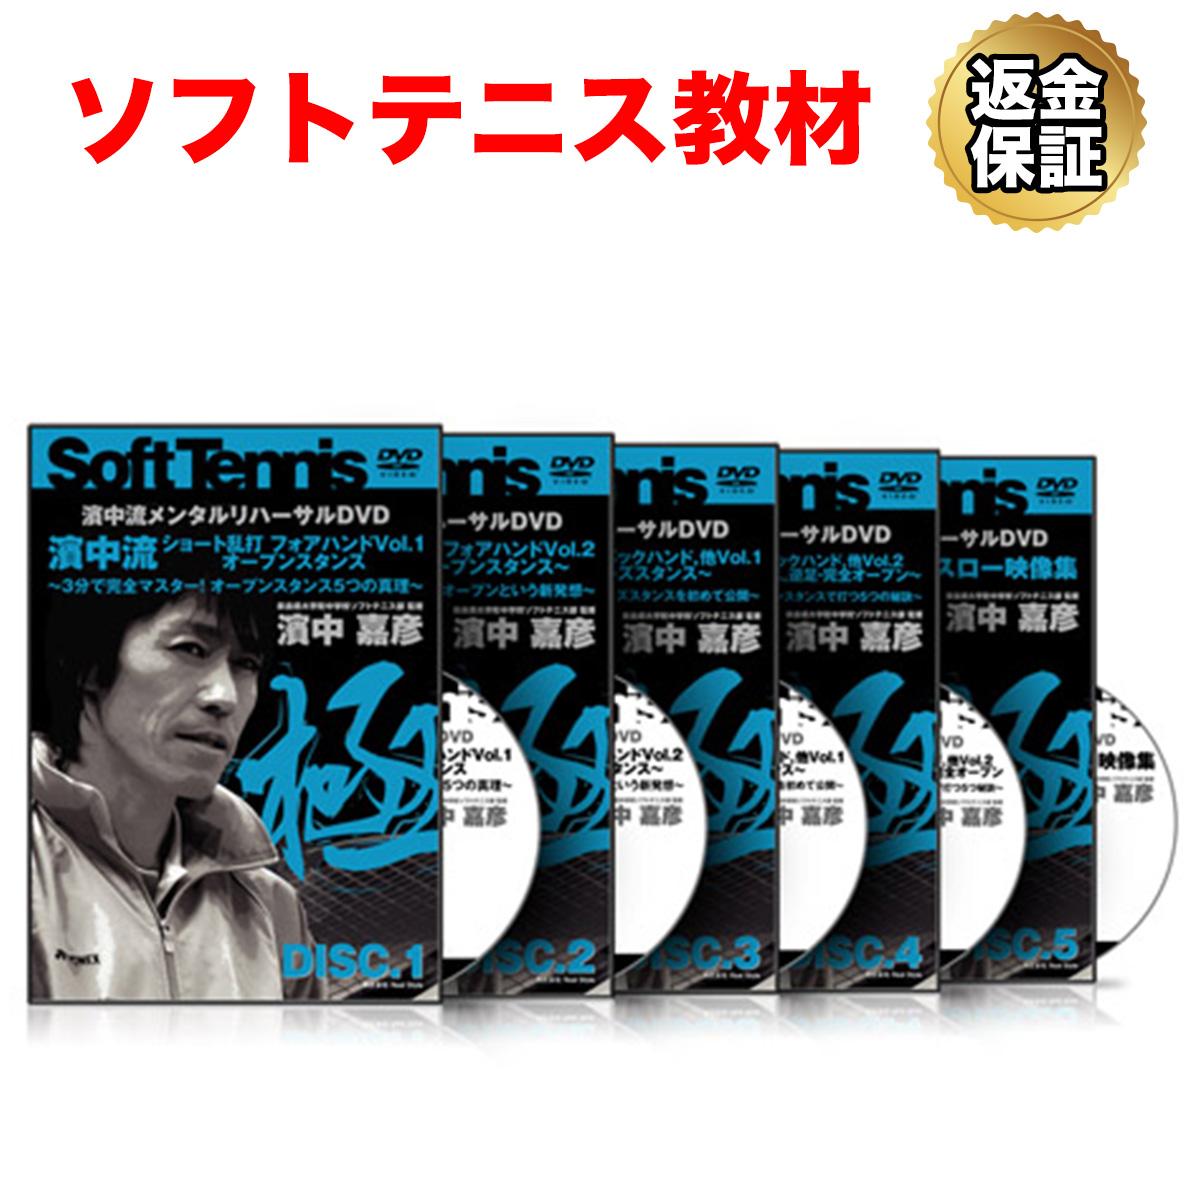 ソフトテニス 教材 DVD 濱中流メンタルリハーサル教材 DVD (ショート乱打) [Disc1-5]